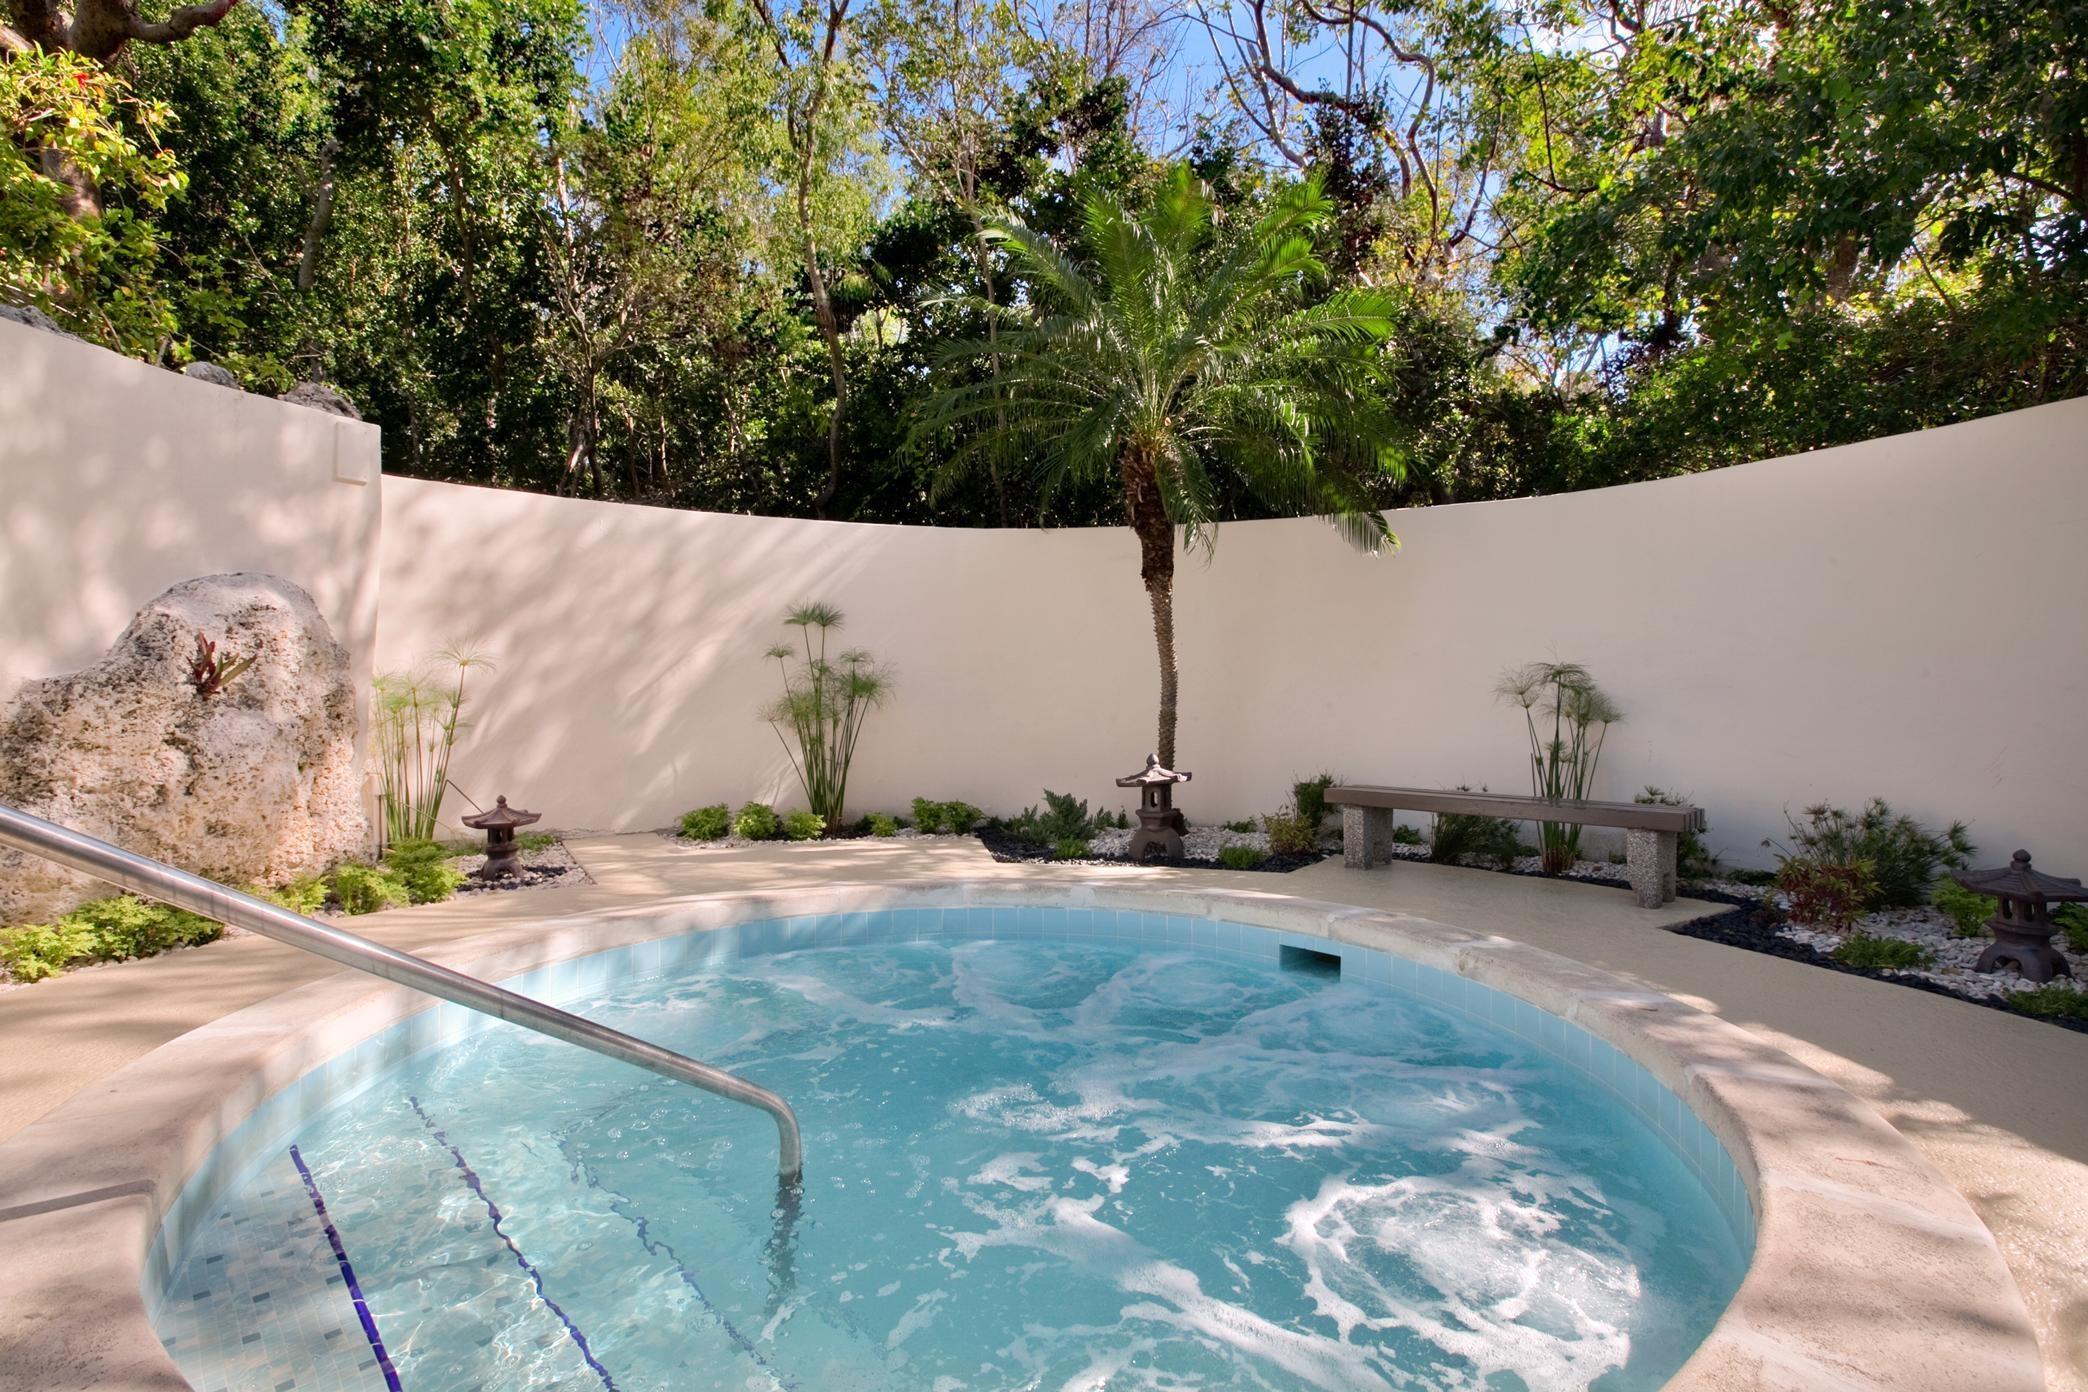 Hilton Key Largo Resort image 27